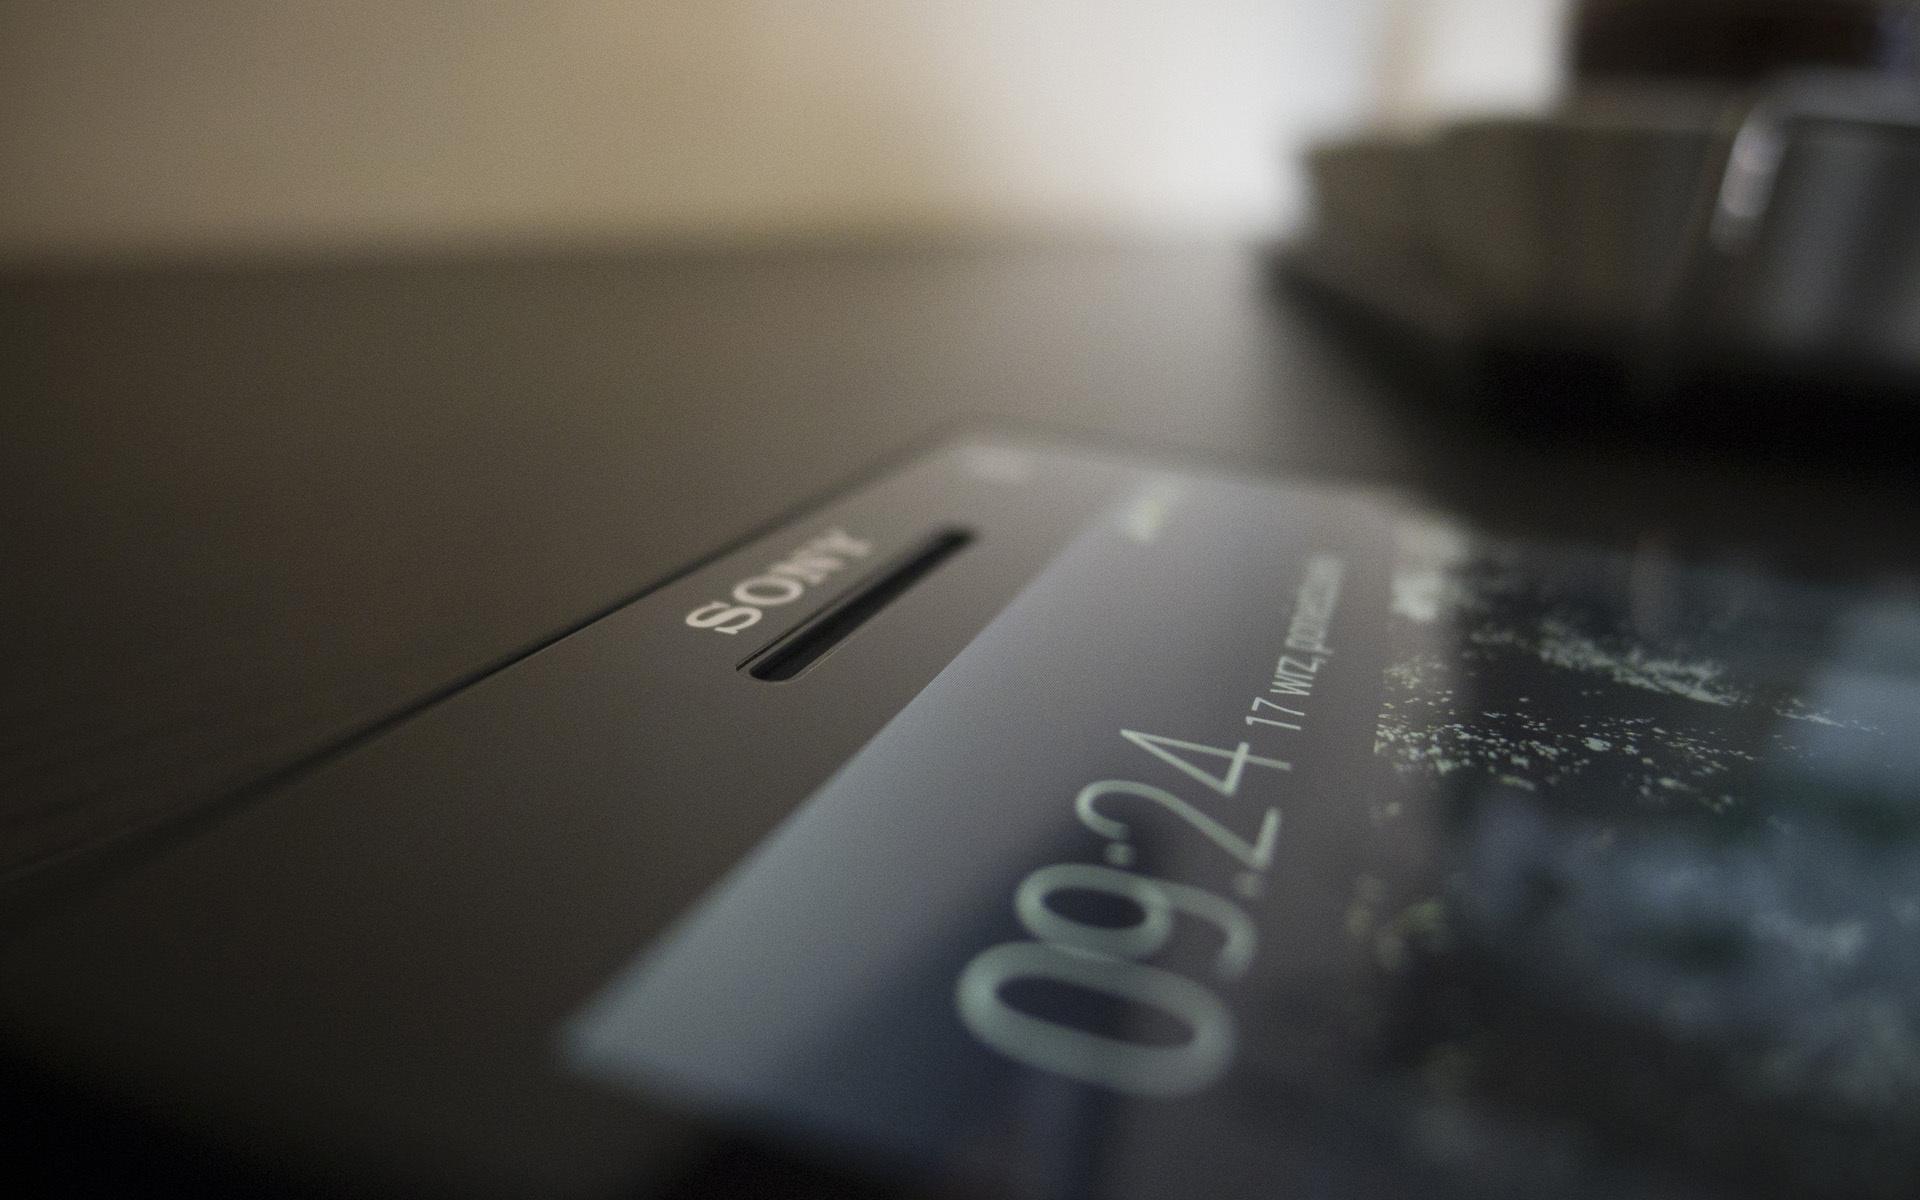 デスクトップ壁紙 白 黒 写真 ソニー 肌 タブレット エレクトロニクス 光 色 設計 画像 ガジェット 閉じる 携帯電話 Xperia タッチスクリーン 19x10 デスクトップ壁紙 Wallhere